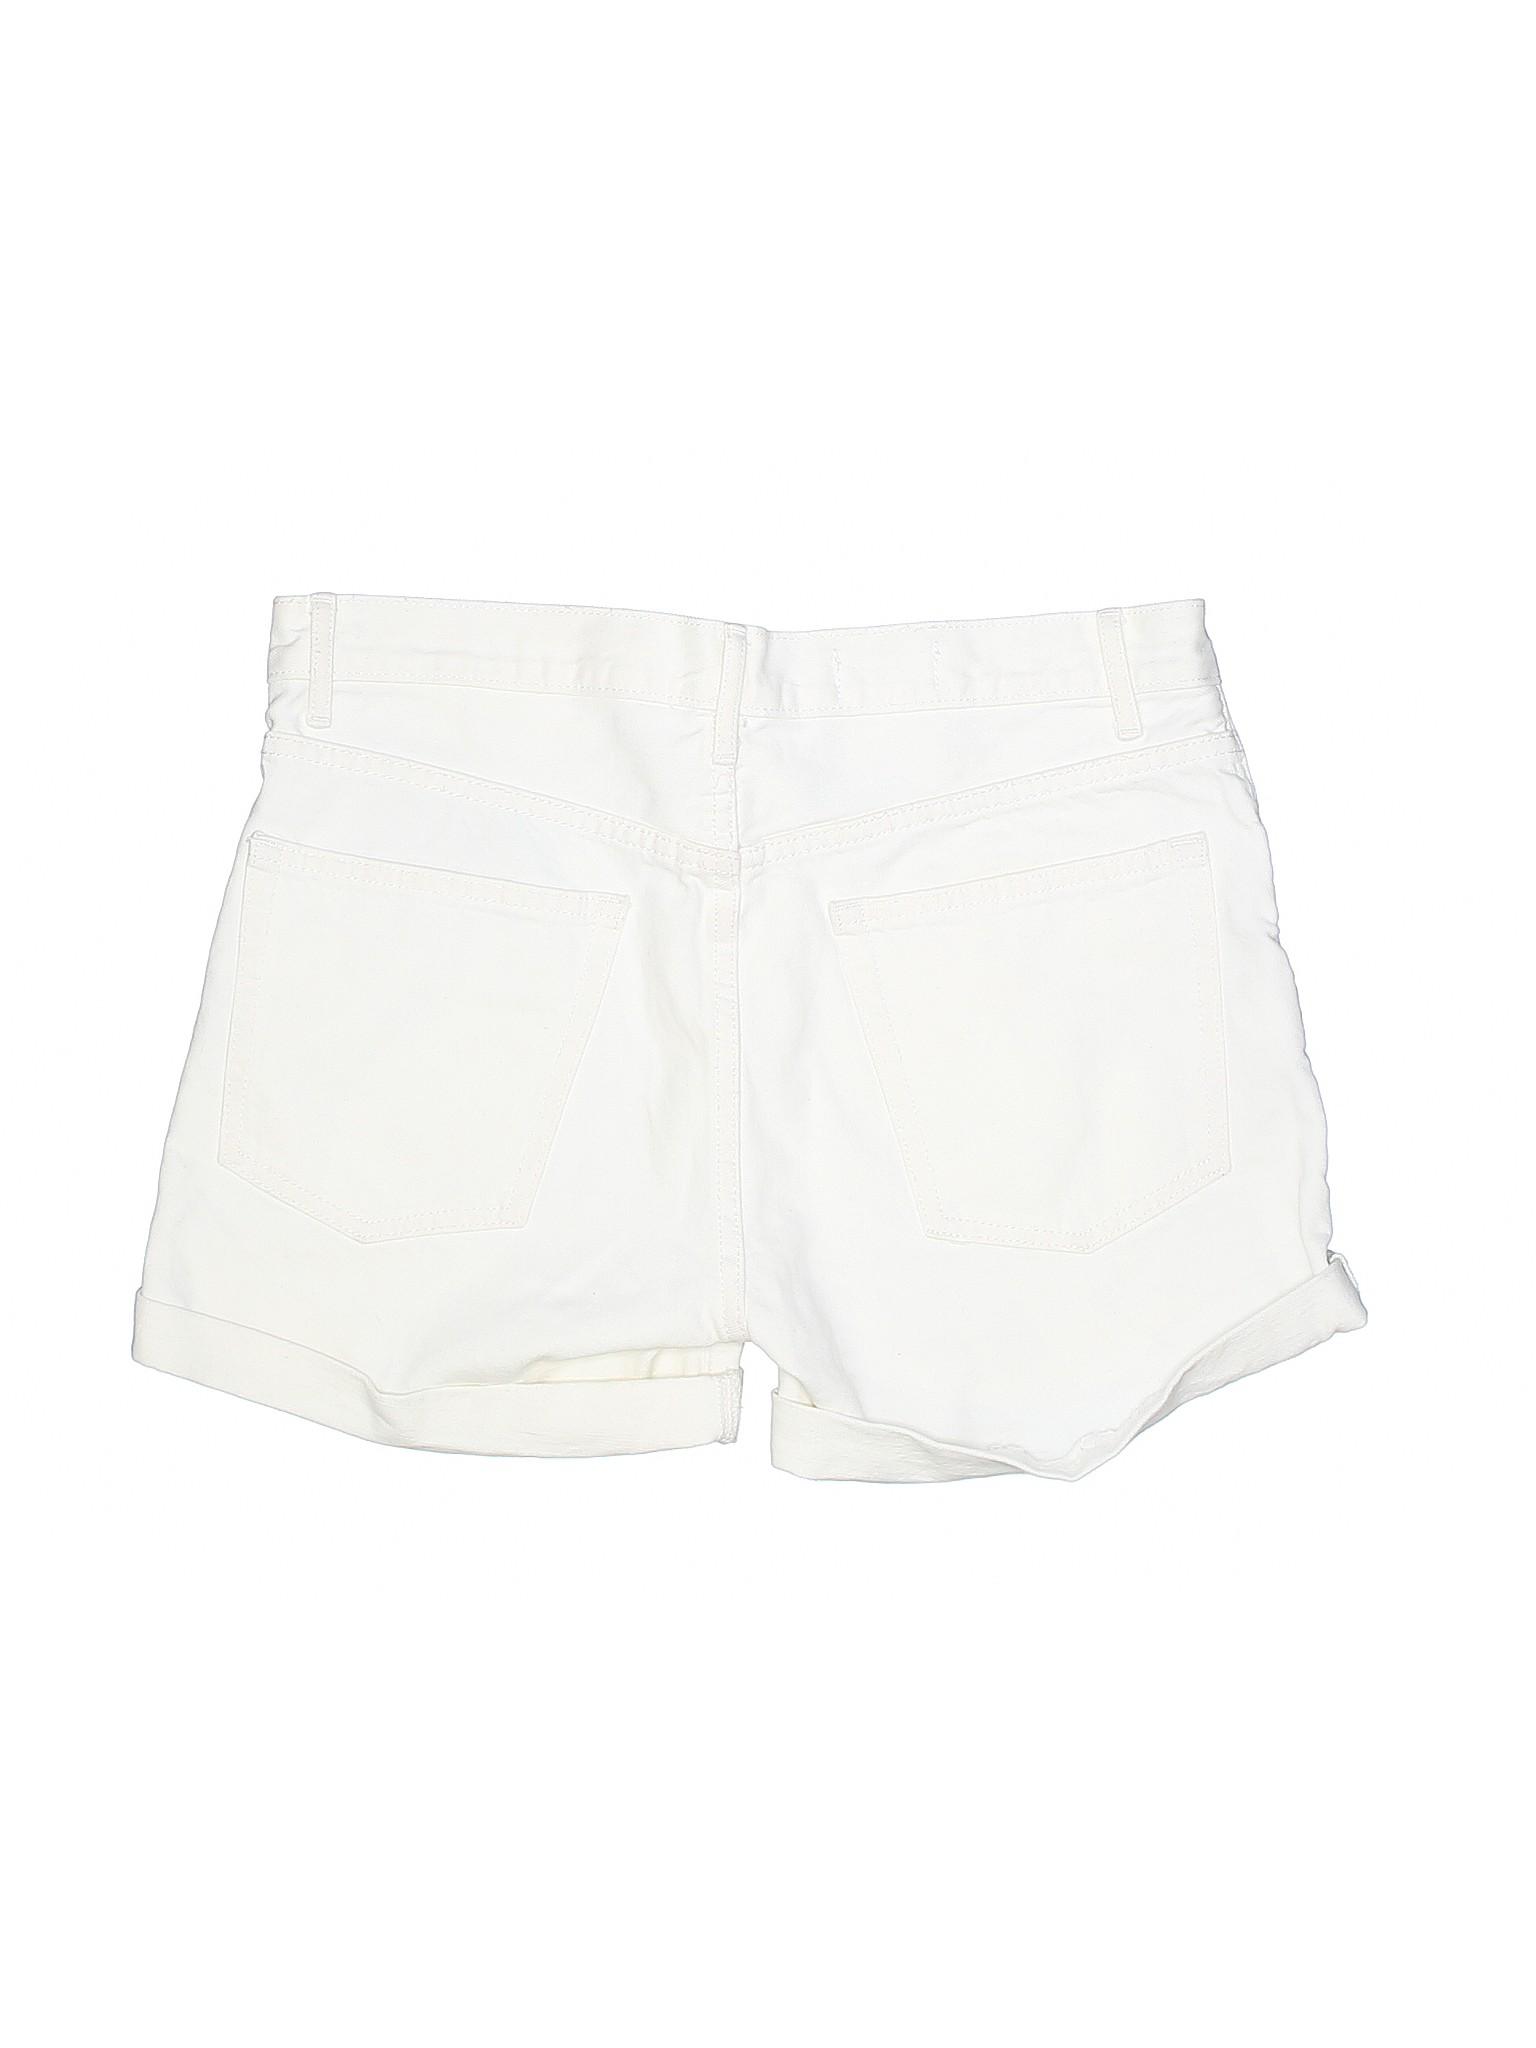 Boutique Denim Denim Gap Boutique Shorts Shorts Denim Shorts Gap Gap Boutique YzwYqfr